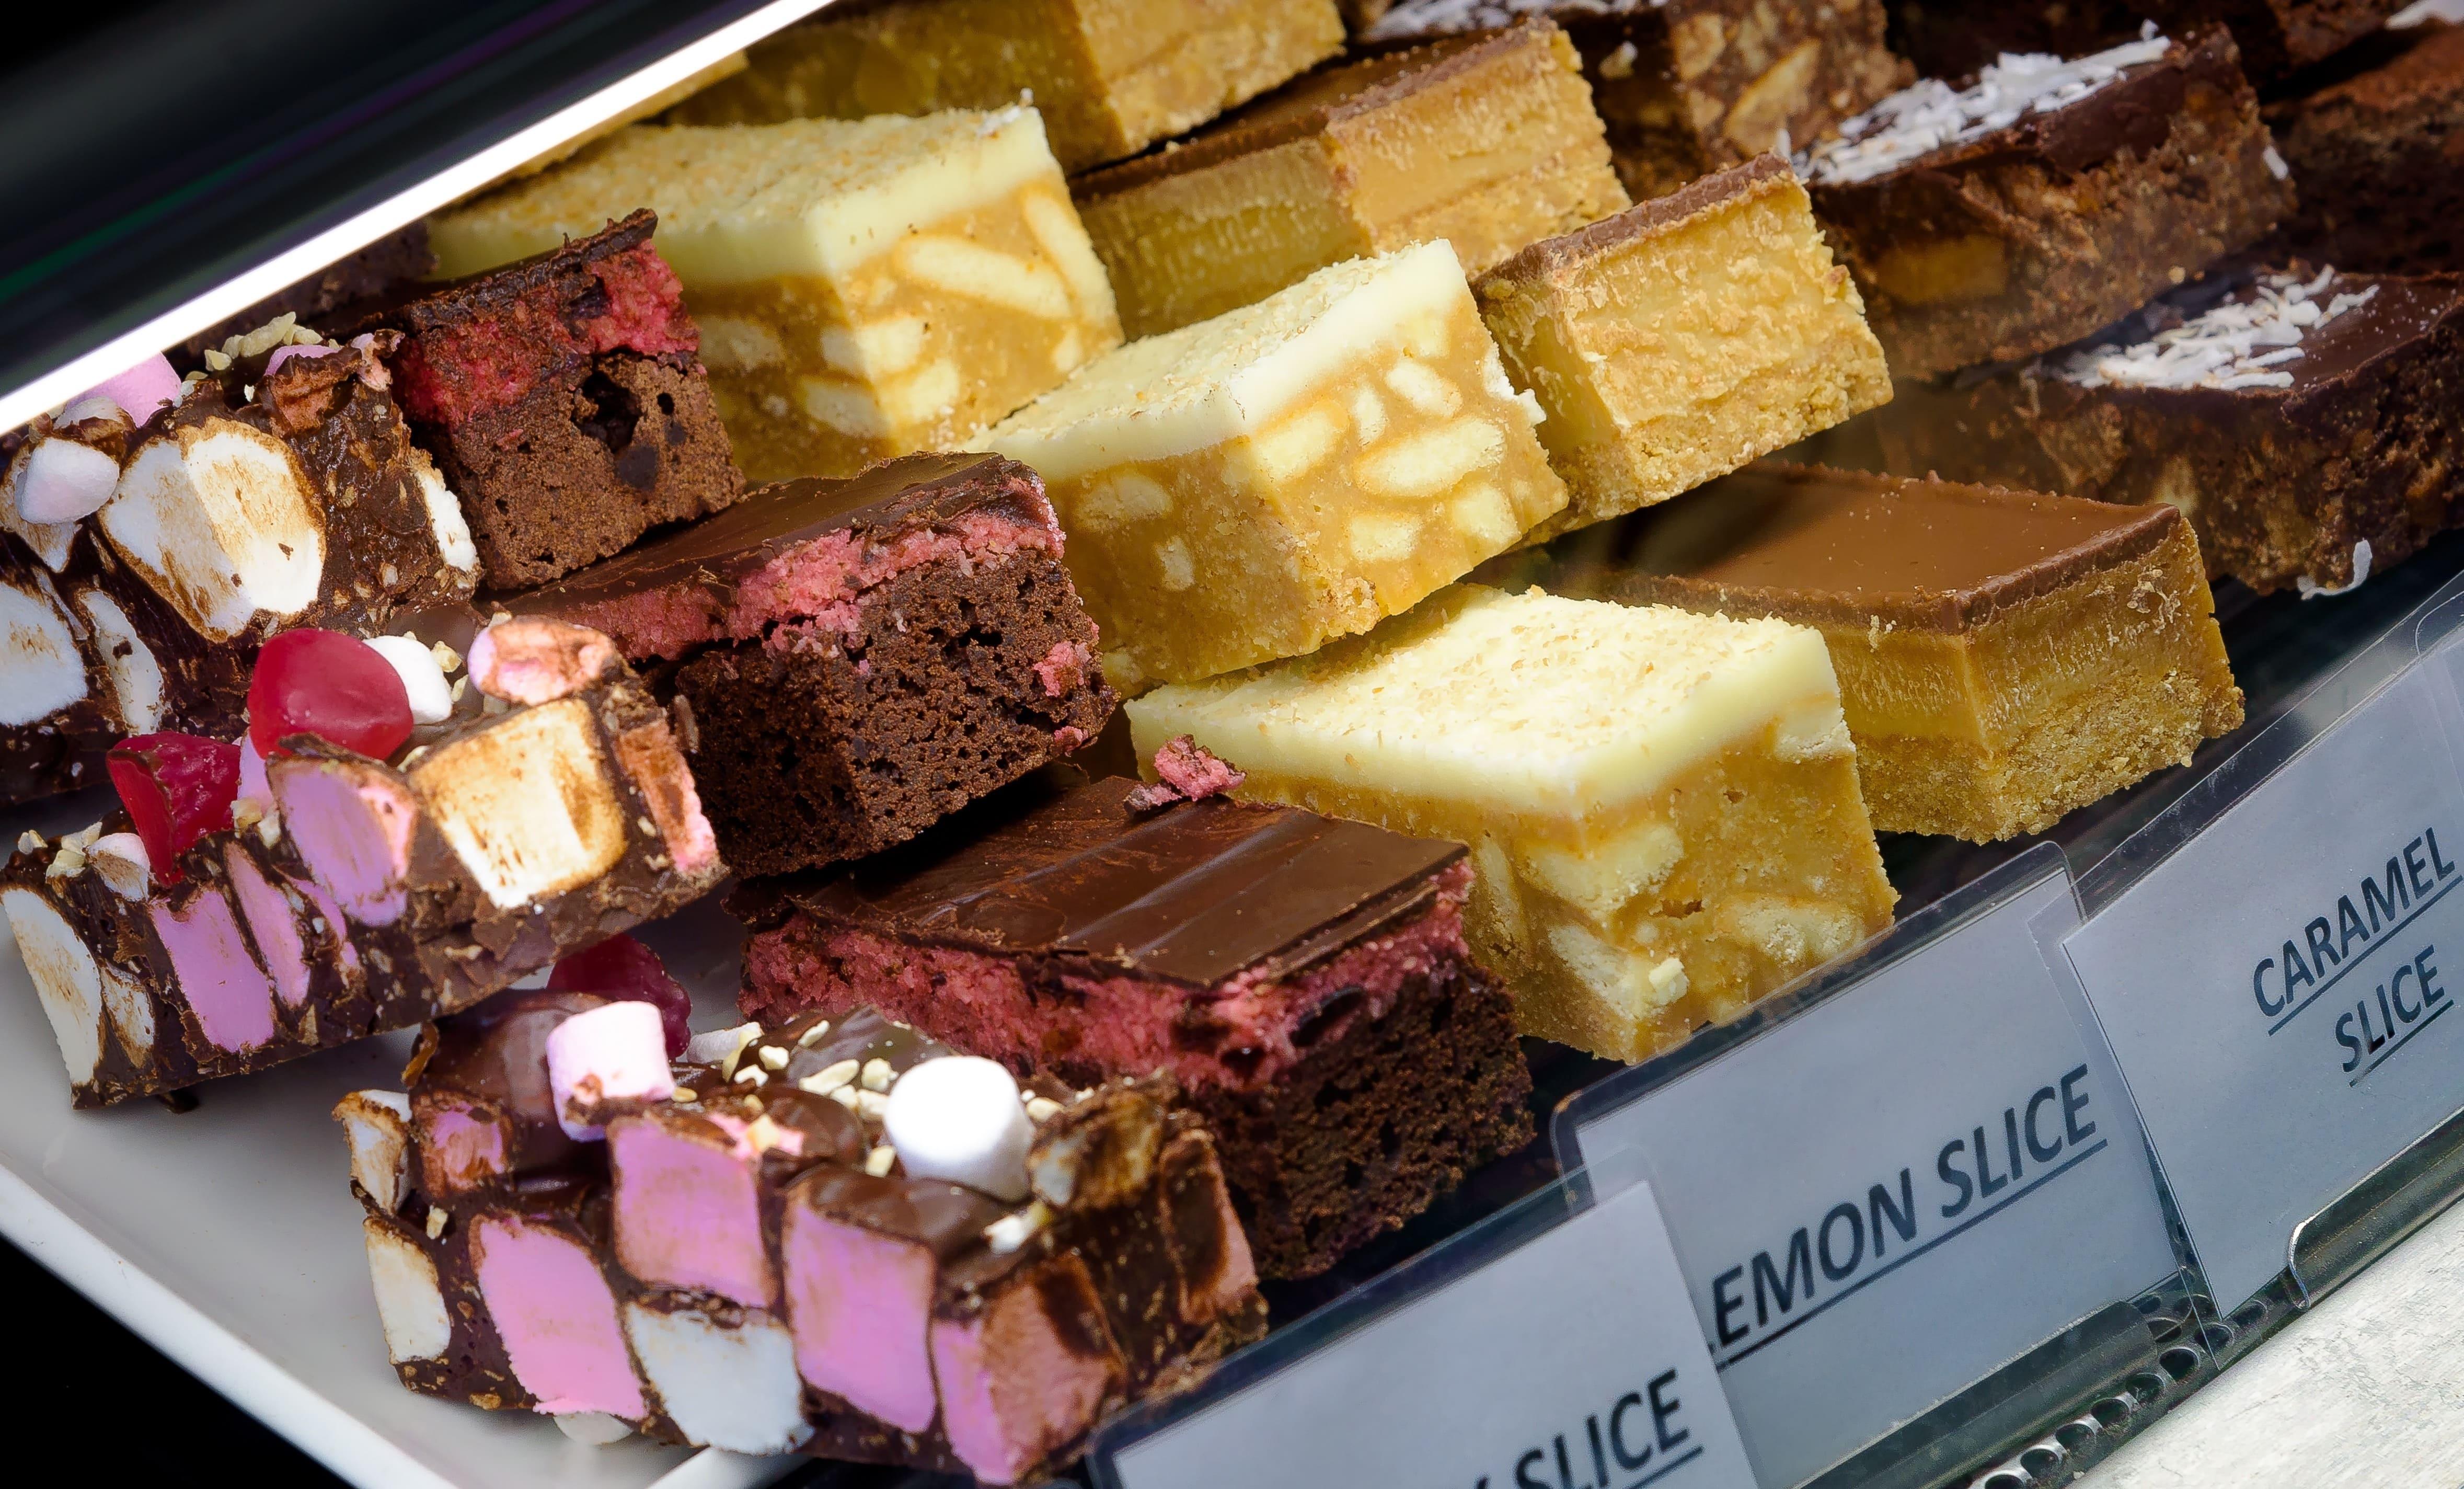 Imagem de alguns bolos para remeter que deseja saber fazer e vender bolos caseiros